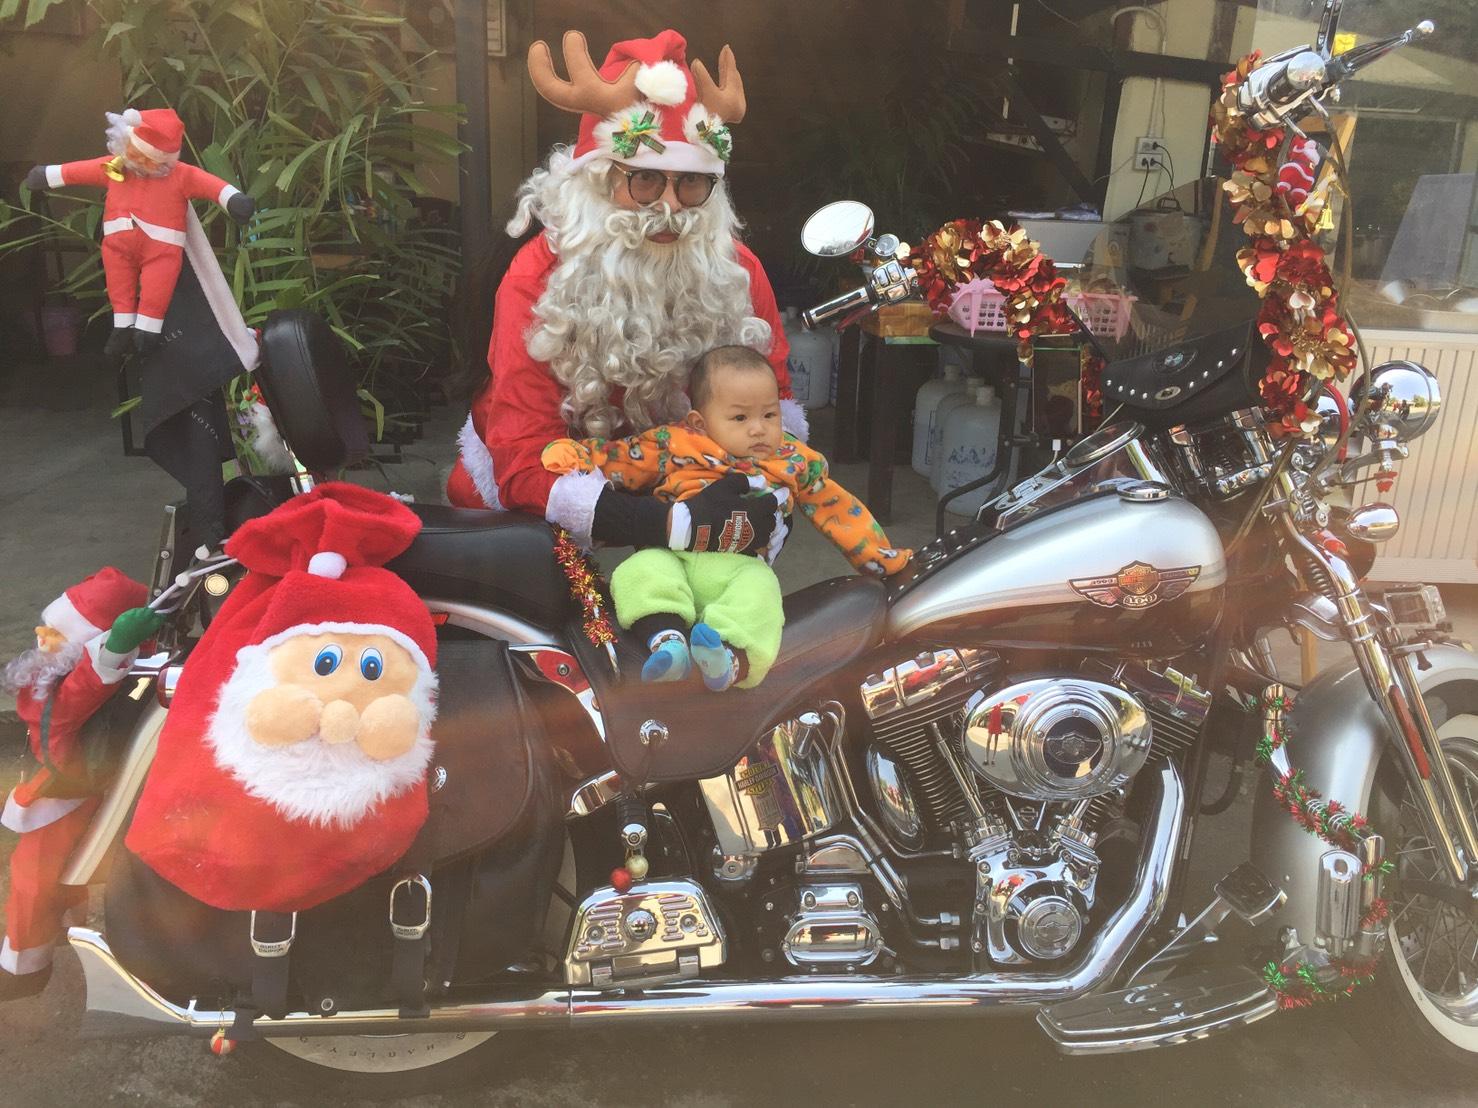 หนุ่มเชียงใหม่แต่งชุดซานต้าควบฮาเล่ย์แจกของขวัญเด็กด้อยโอกาสแบ่งปันสร้างสุขส่งท้ายปี